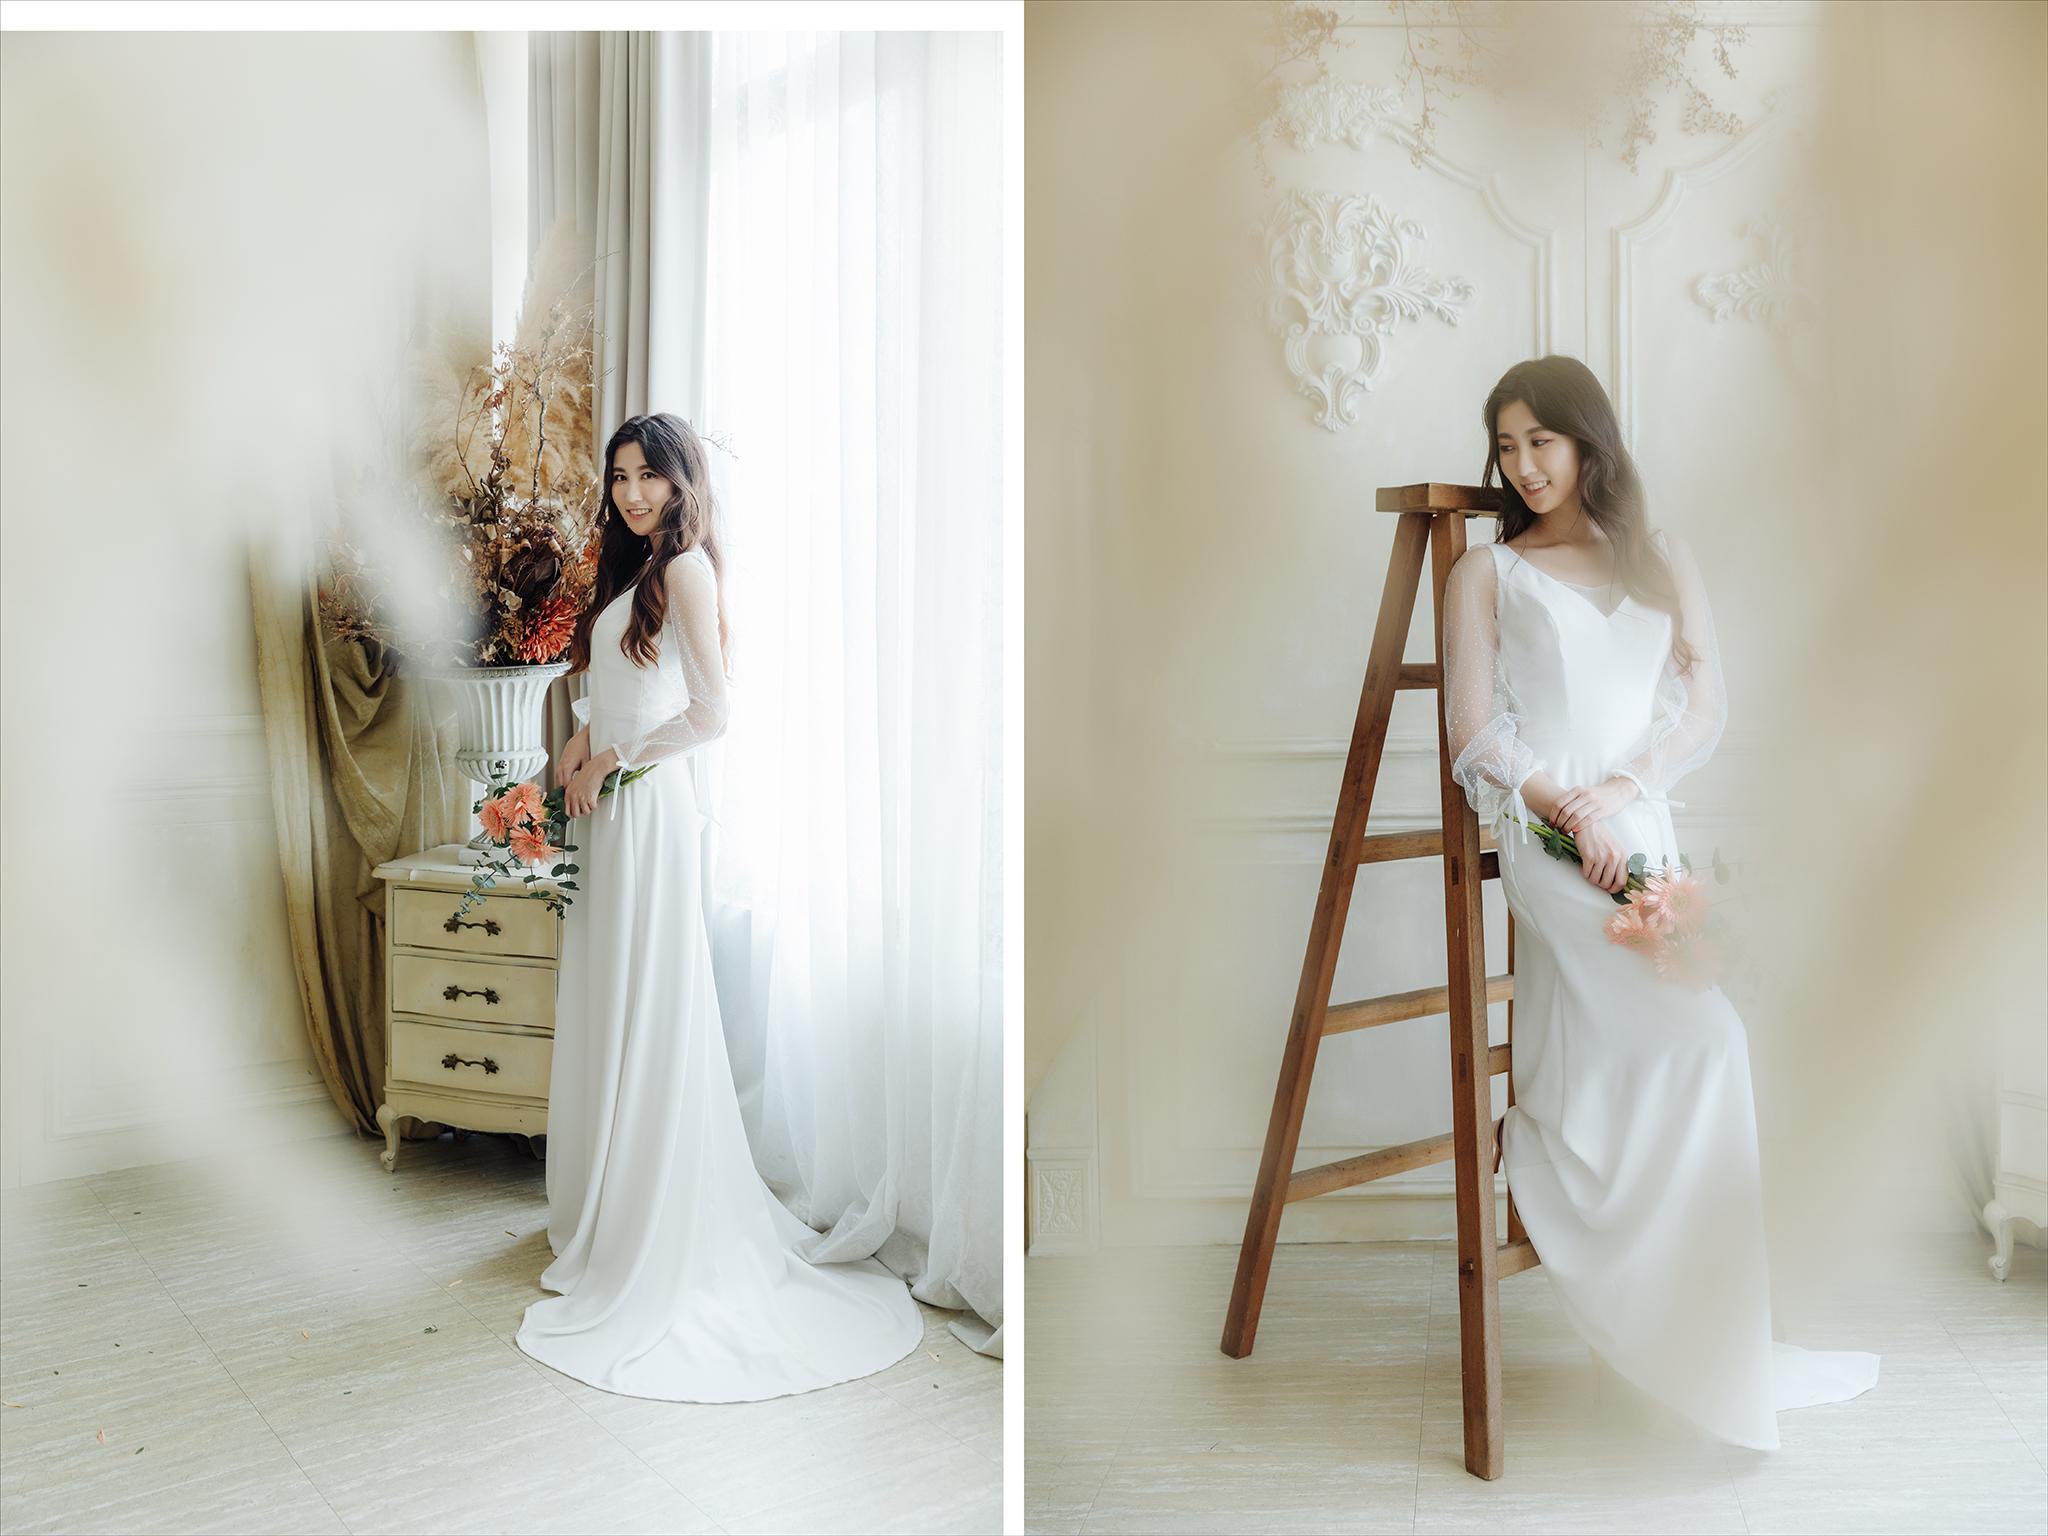 49929256231 cb77b5b514 o - 【閨蜜婚紗】+Jessy & Tiffany+